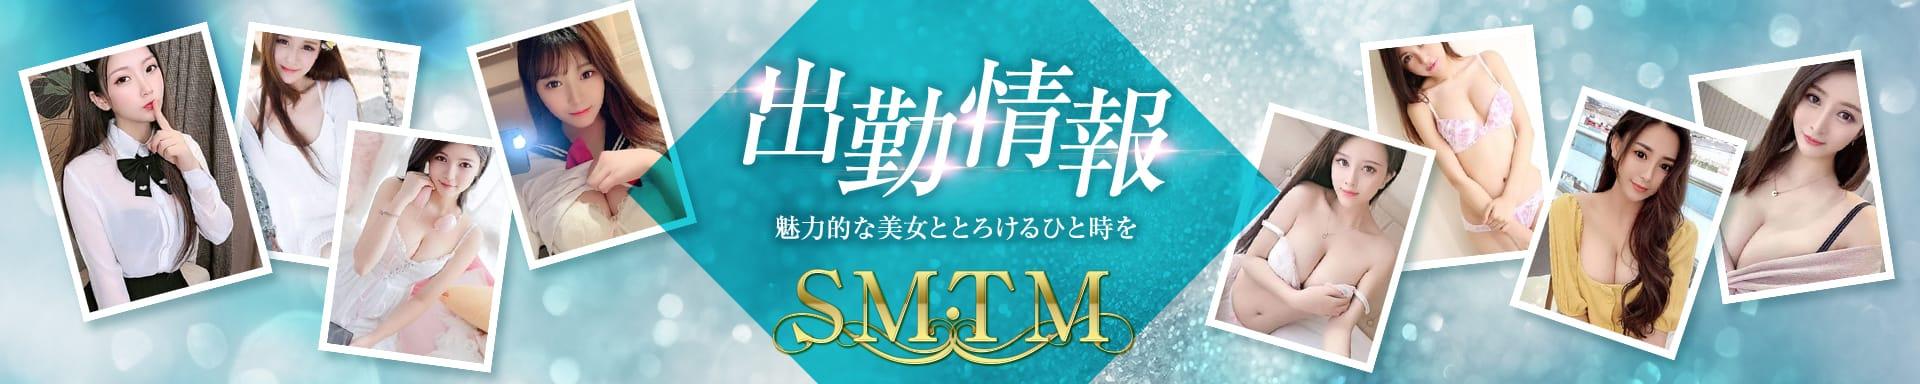 SMTM(セムテム) その2